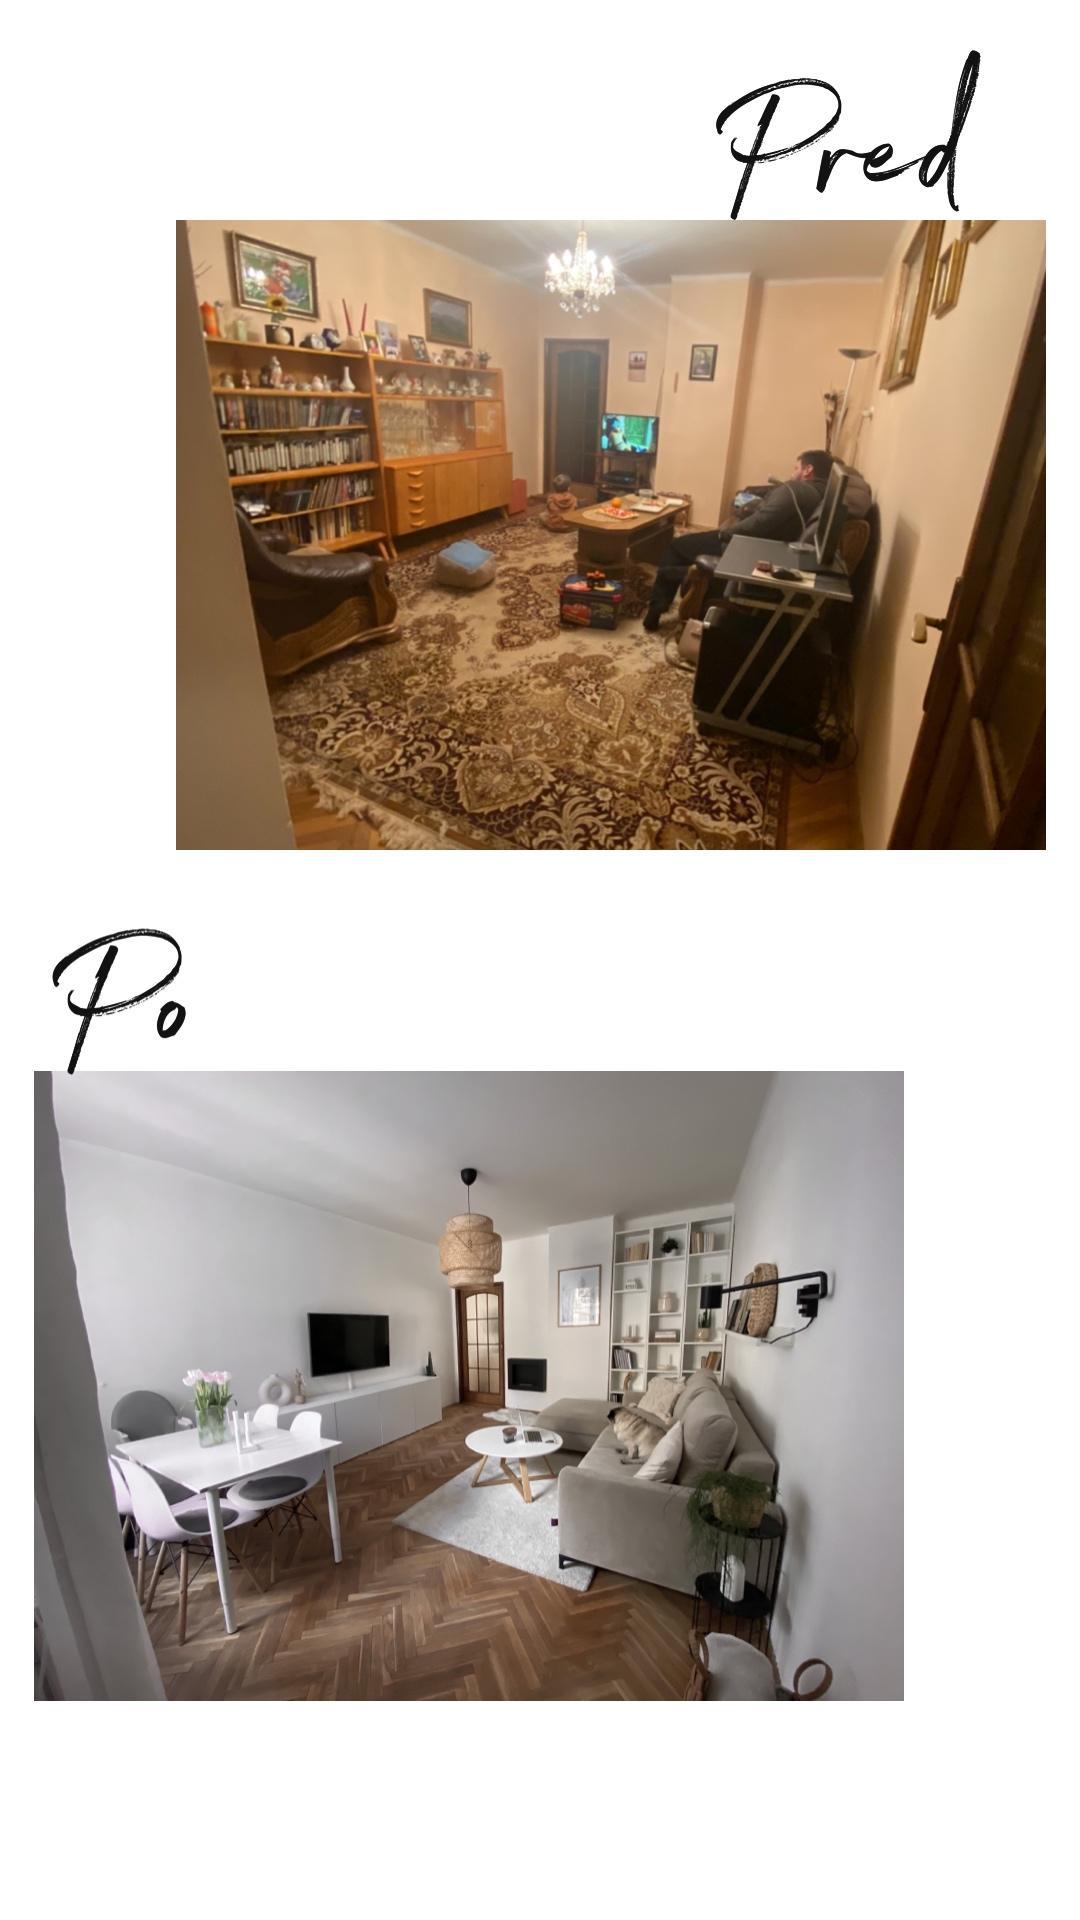 Naše nové ( staré ) doma… - Zatím takto, než zahájíme velkou rekonstrukci…